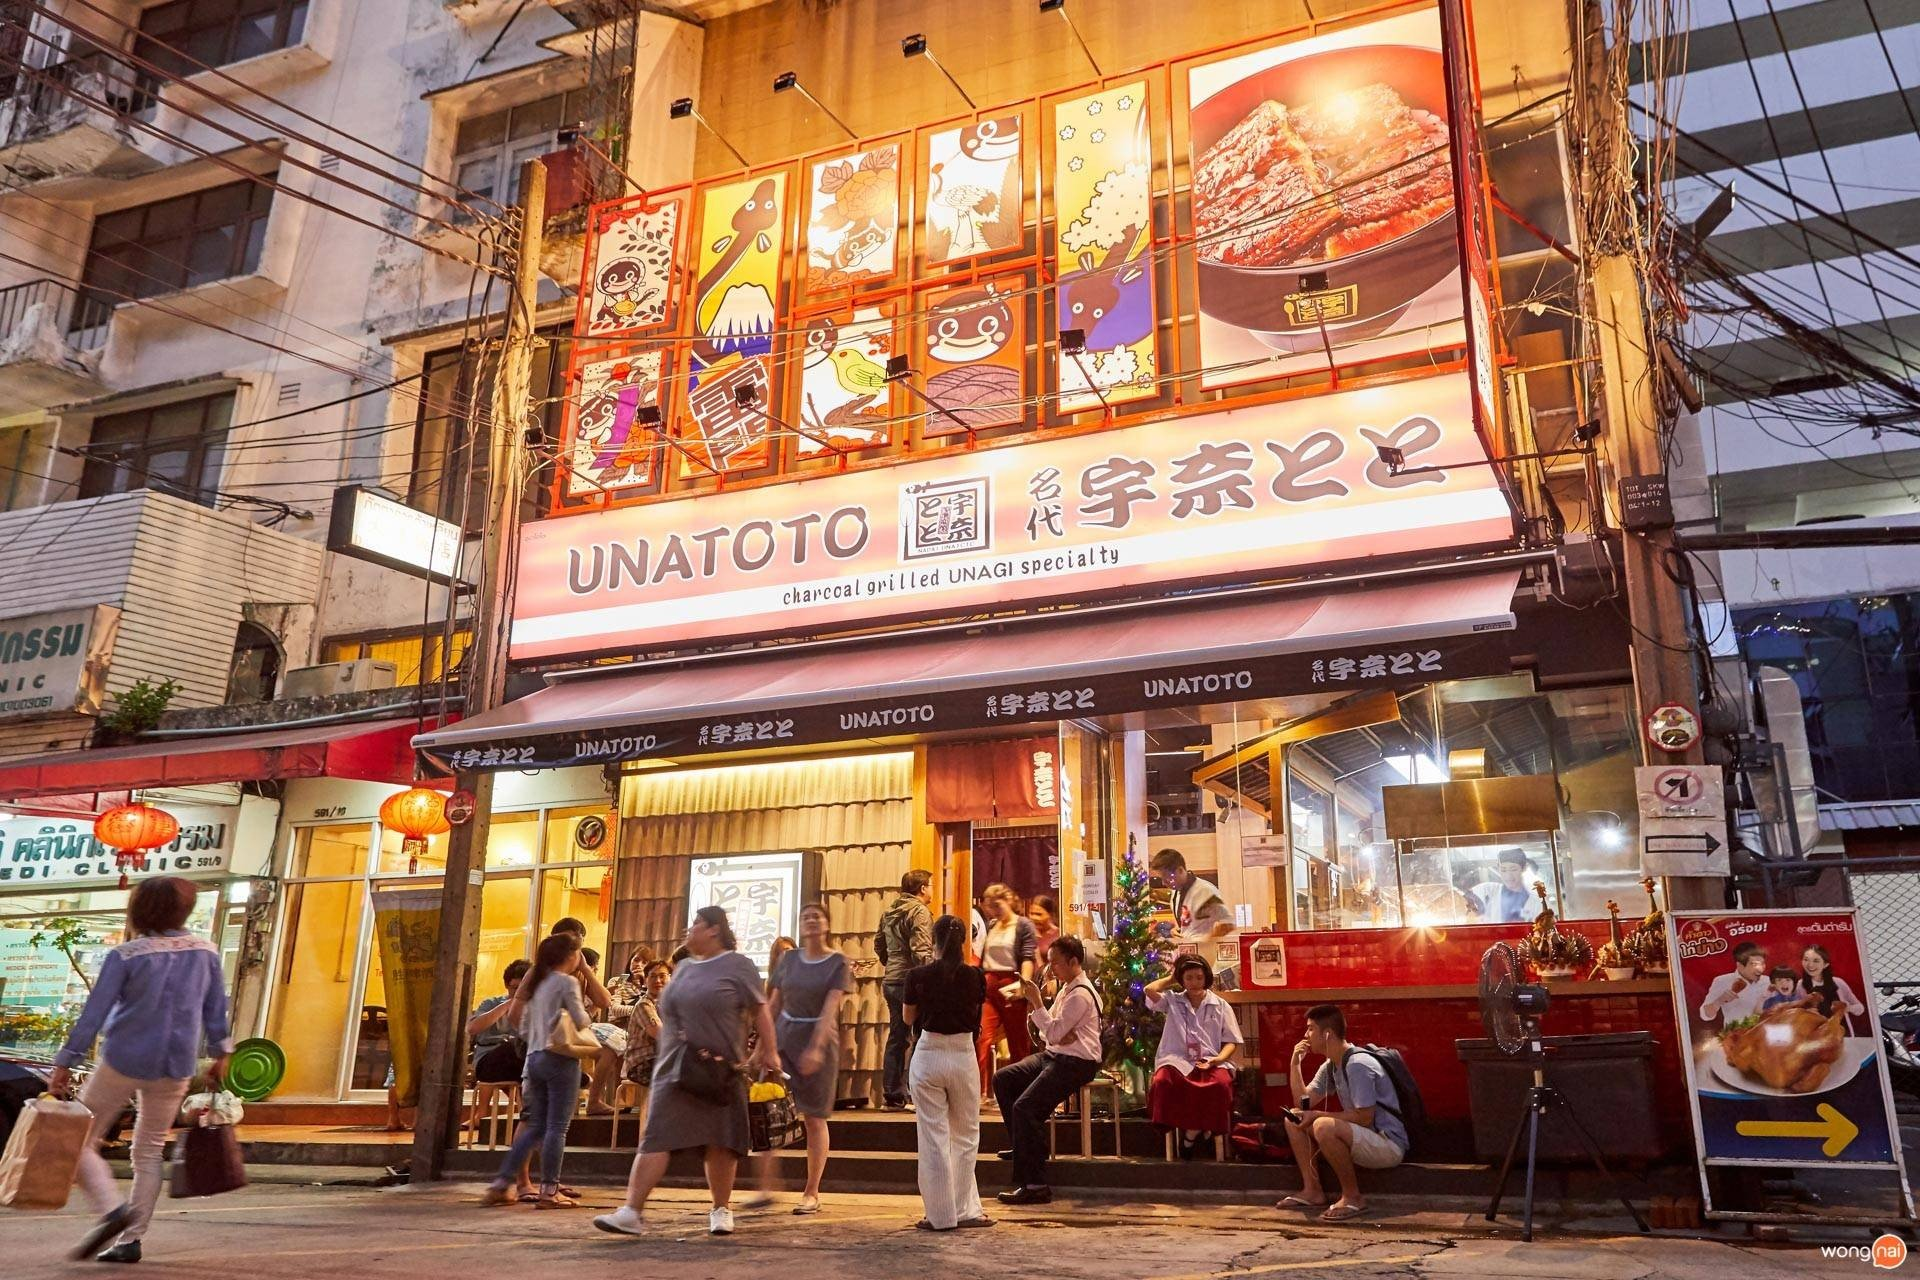 บรรยากาศ ของร้าน Unatoto Thailand